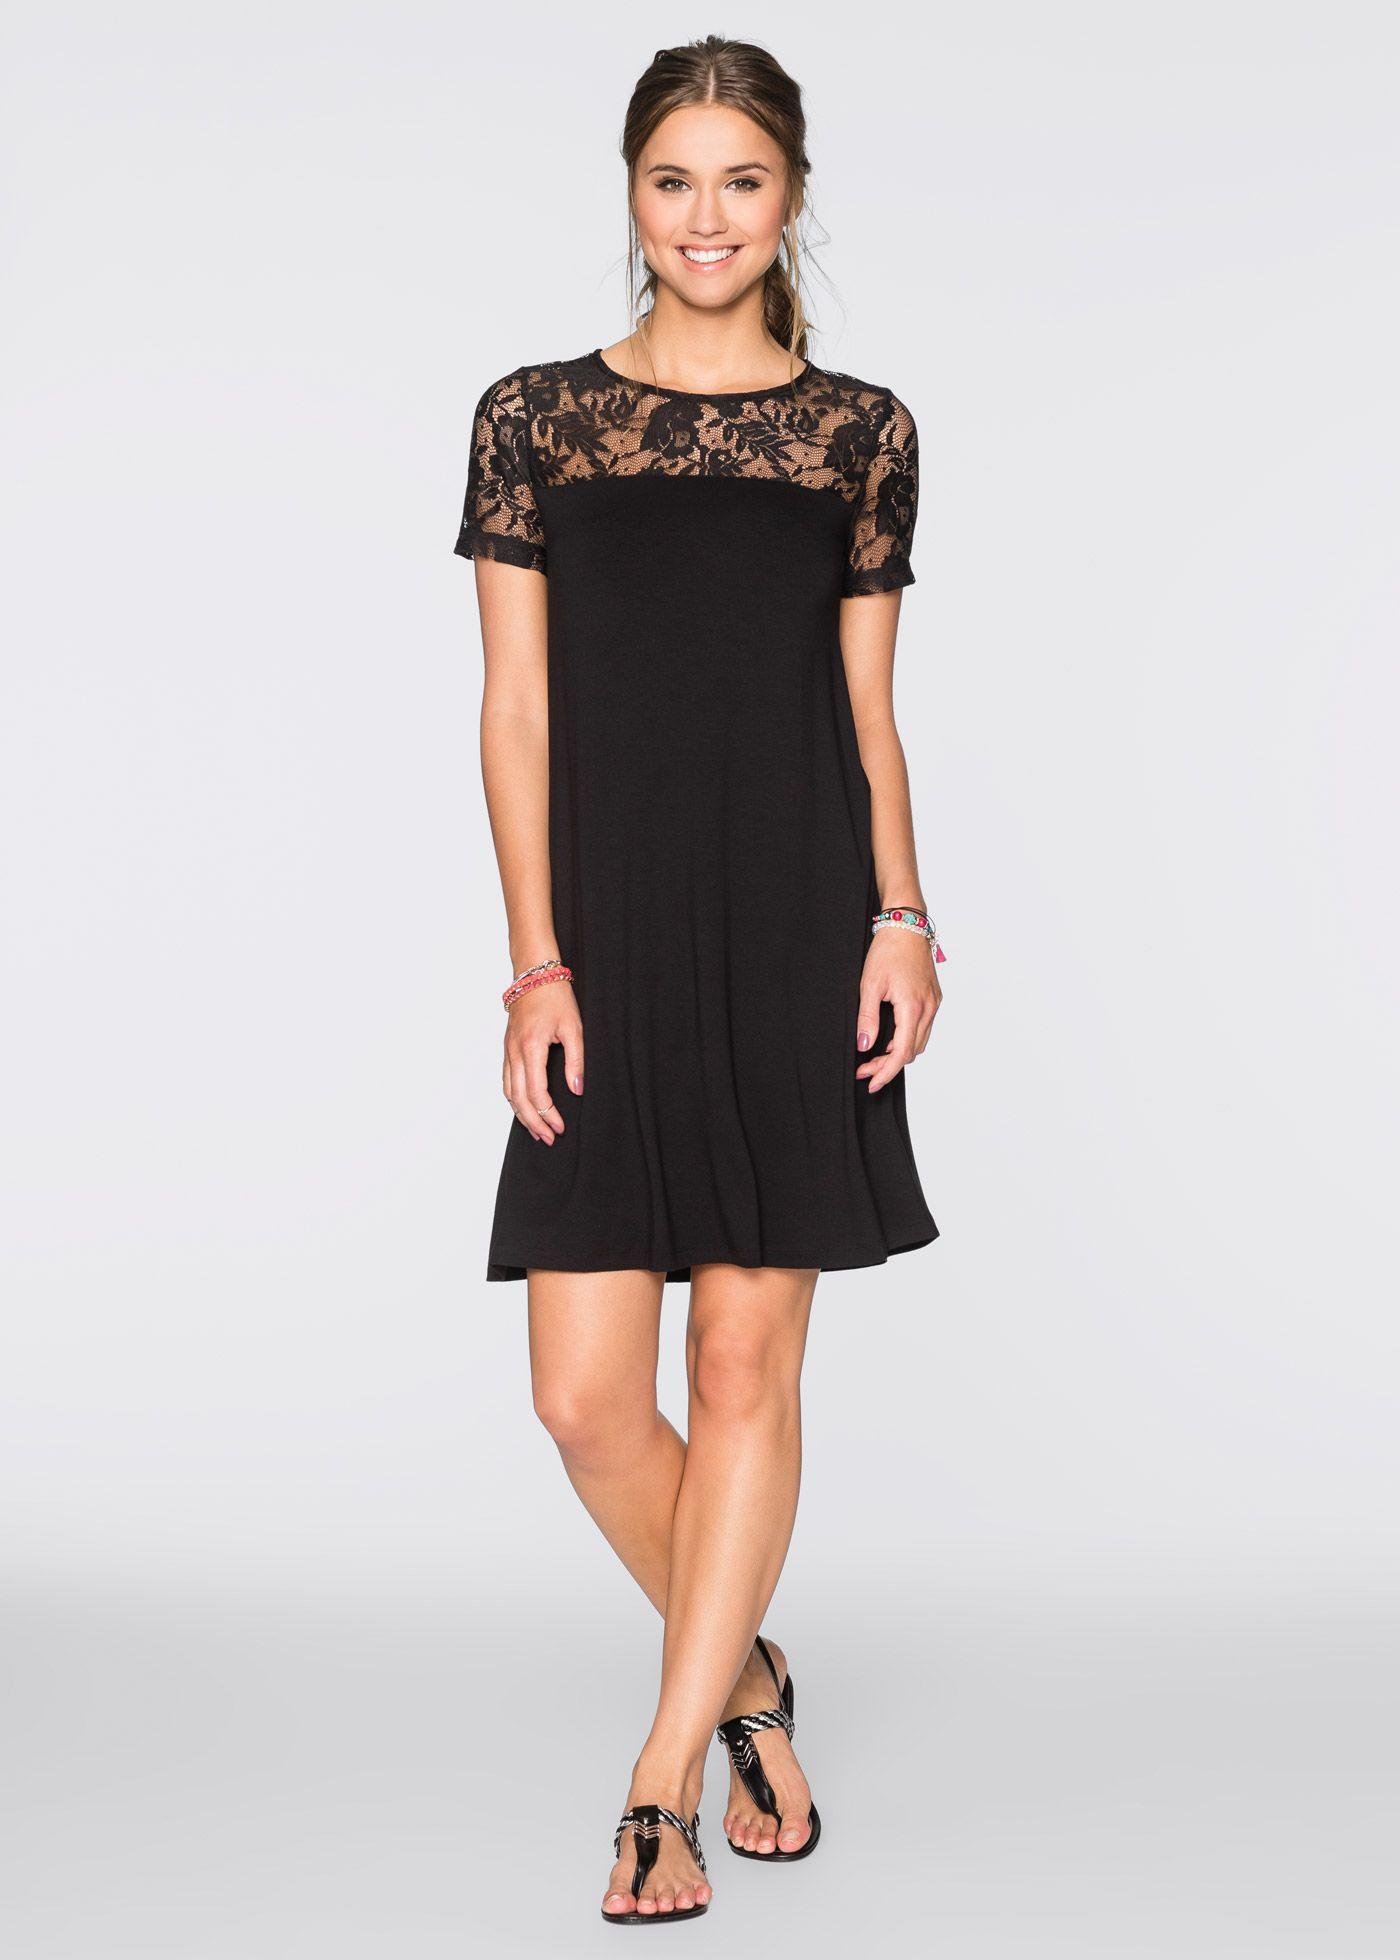 Kleid mit Spitzeneinsatz schwarz - RAINBOW jetzt im Online Shop von bonprix.de ab ? 19,99 bestellen. Ein schönes Outfit mit femininem Style ist das Kleid ...